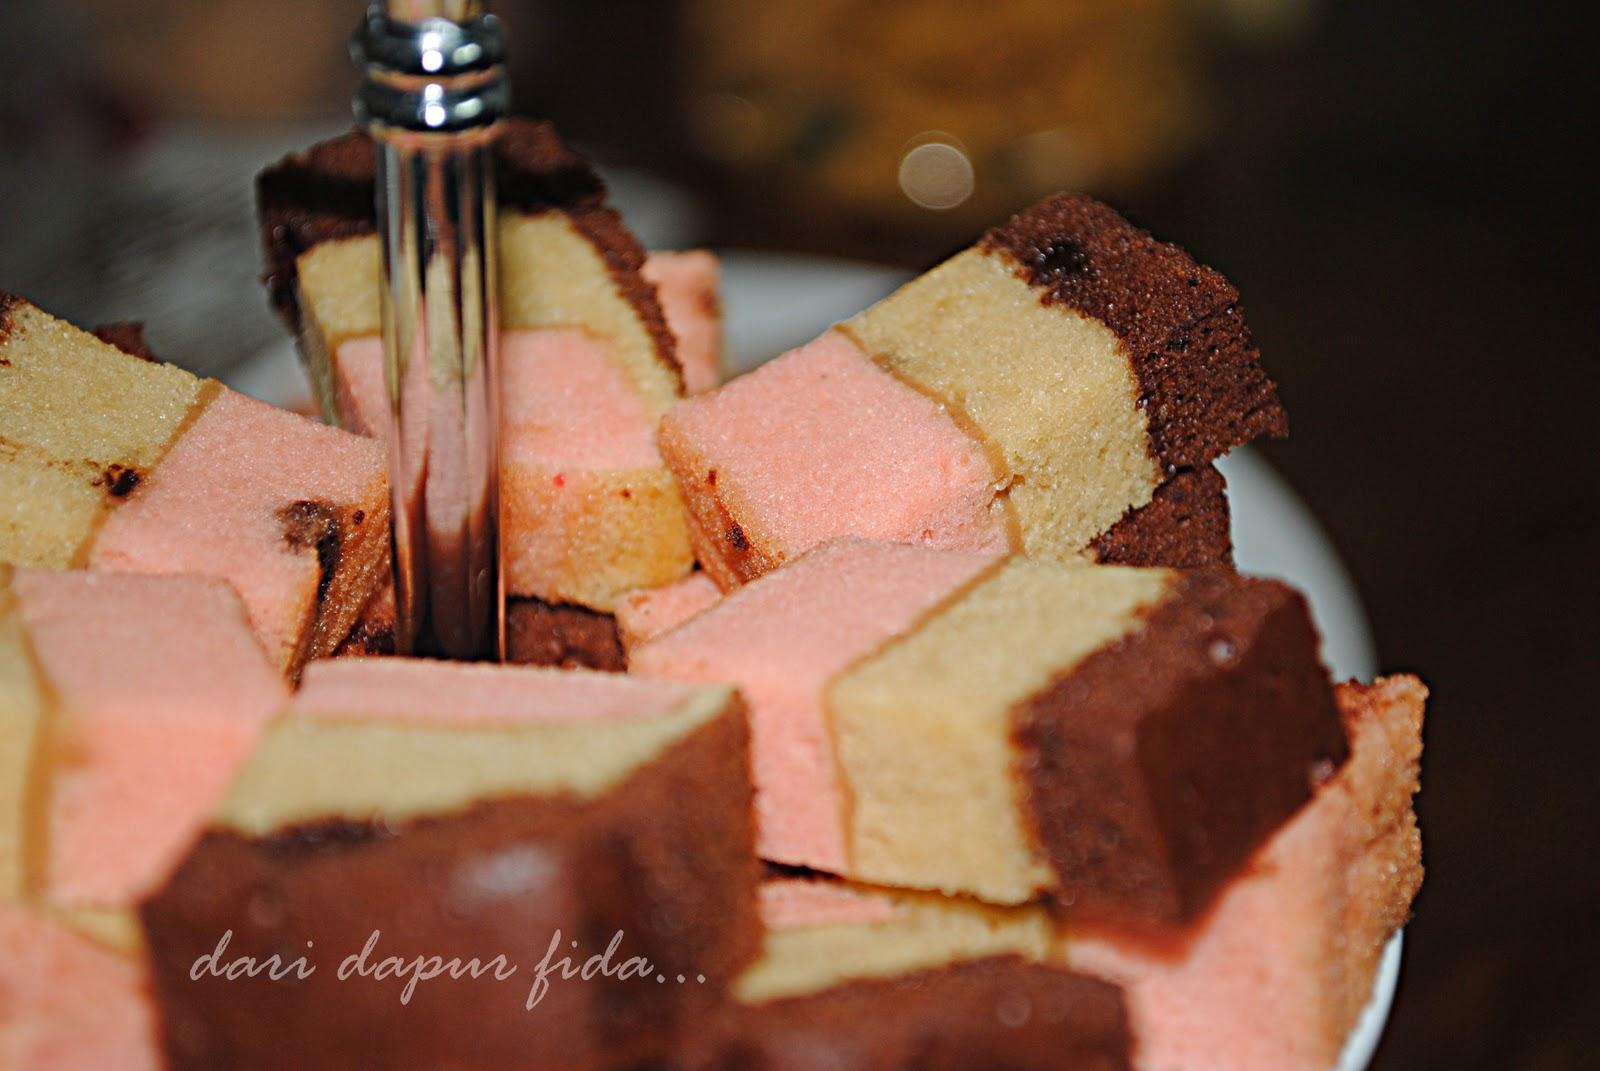 supermama kek kukus  rasa Resepi Www Kek Cawan Com My Enak dan Mudah